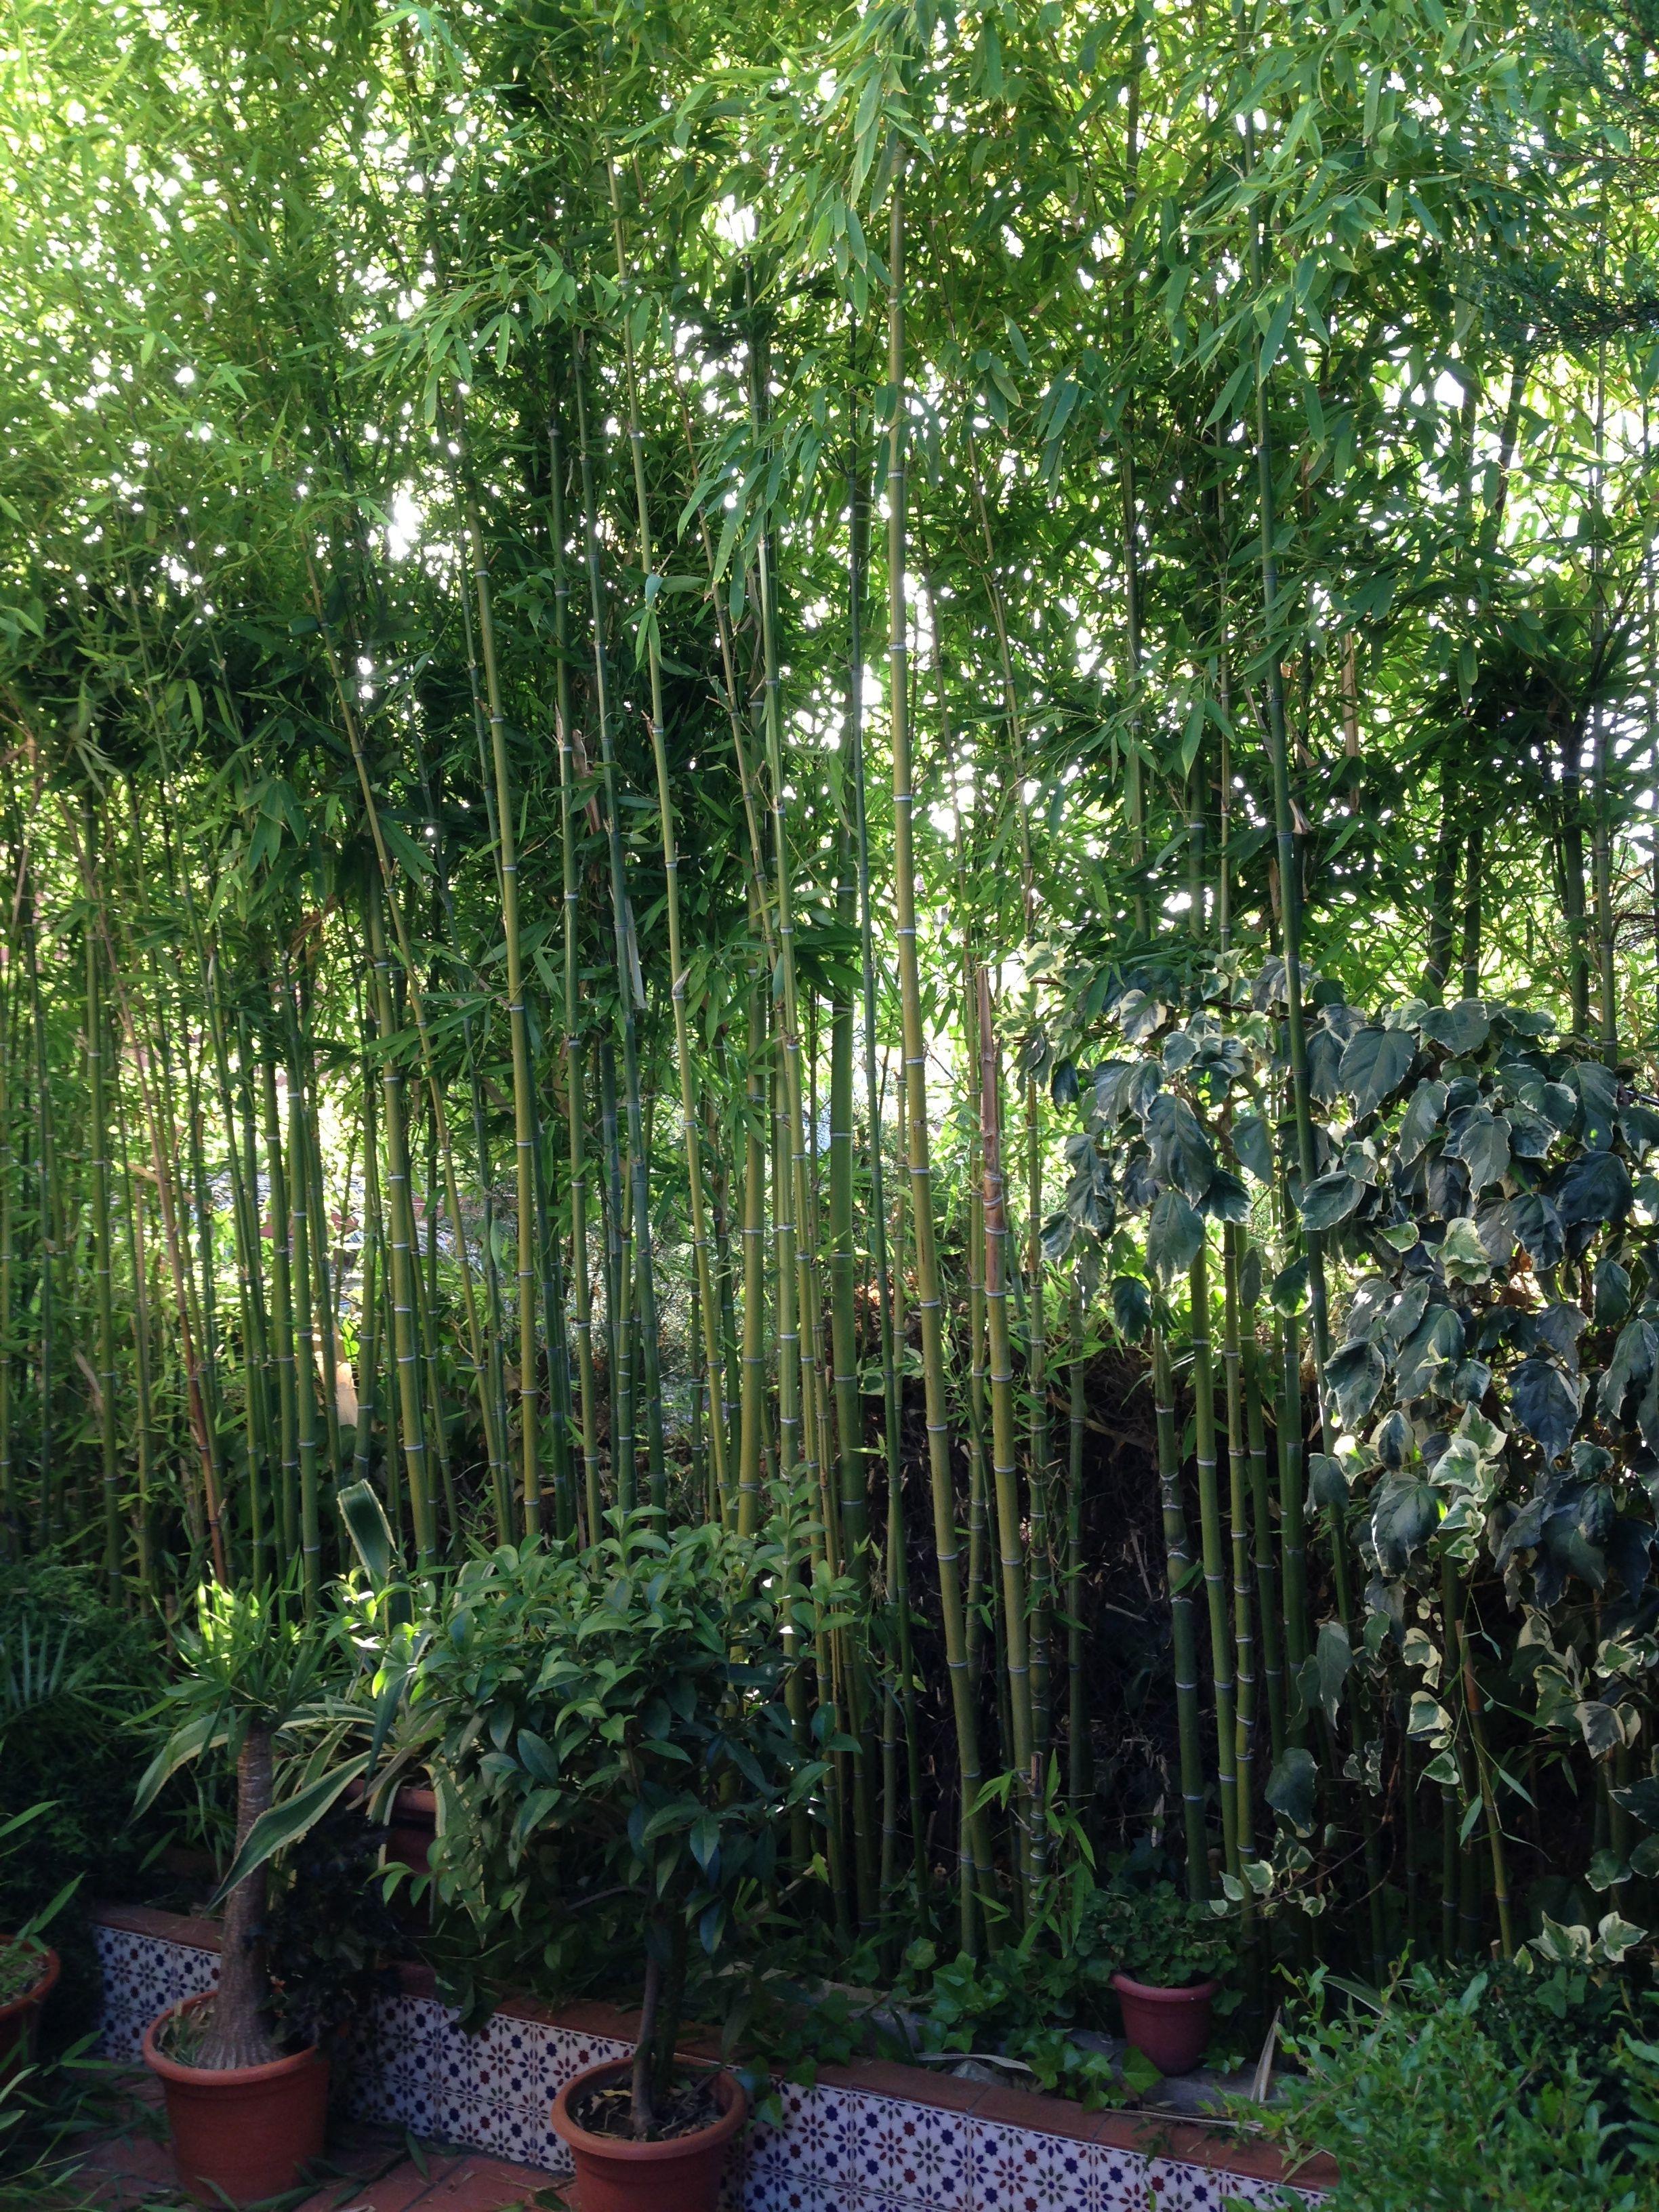 Maravilloso Bosque de Bambú